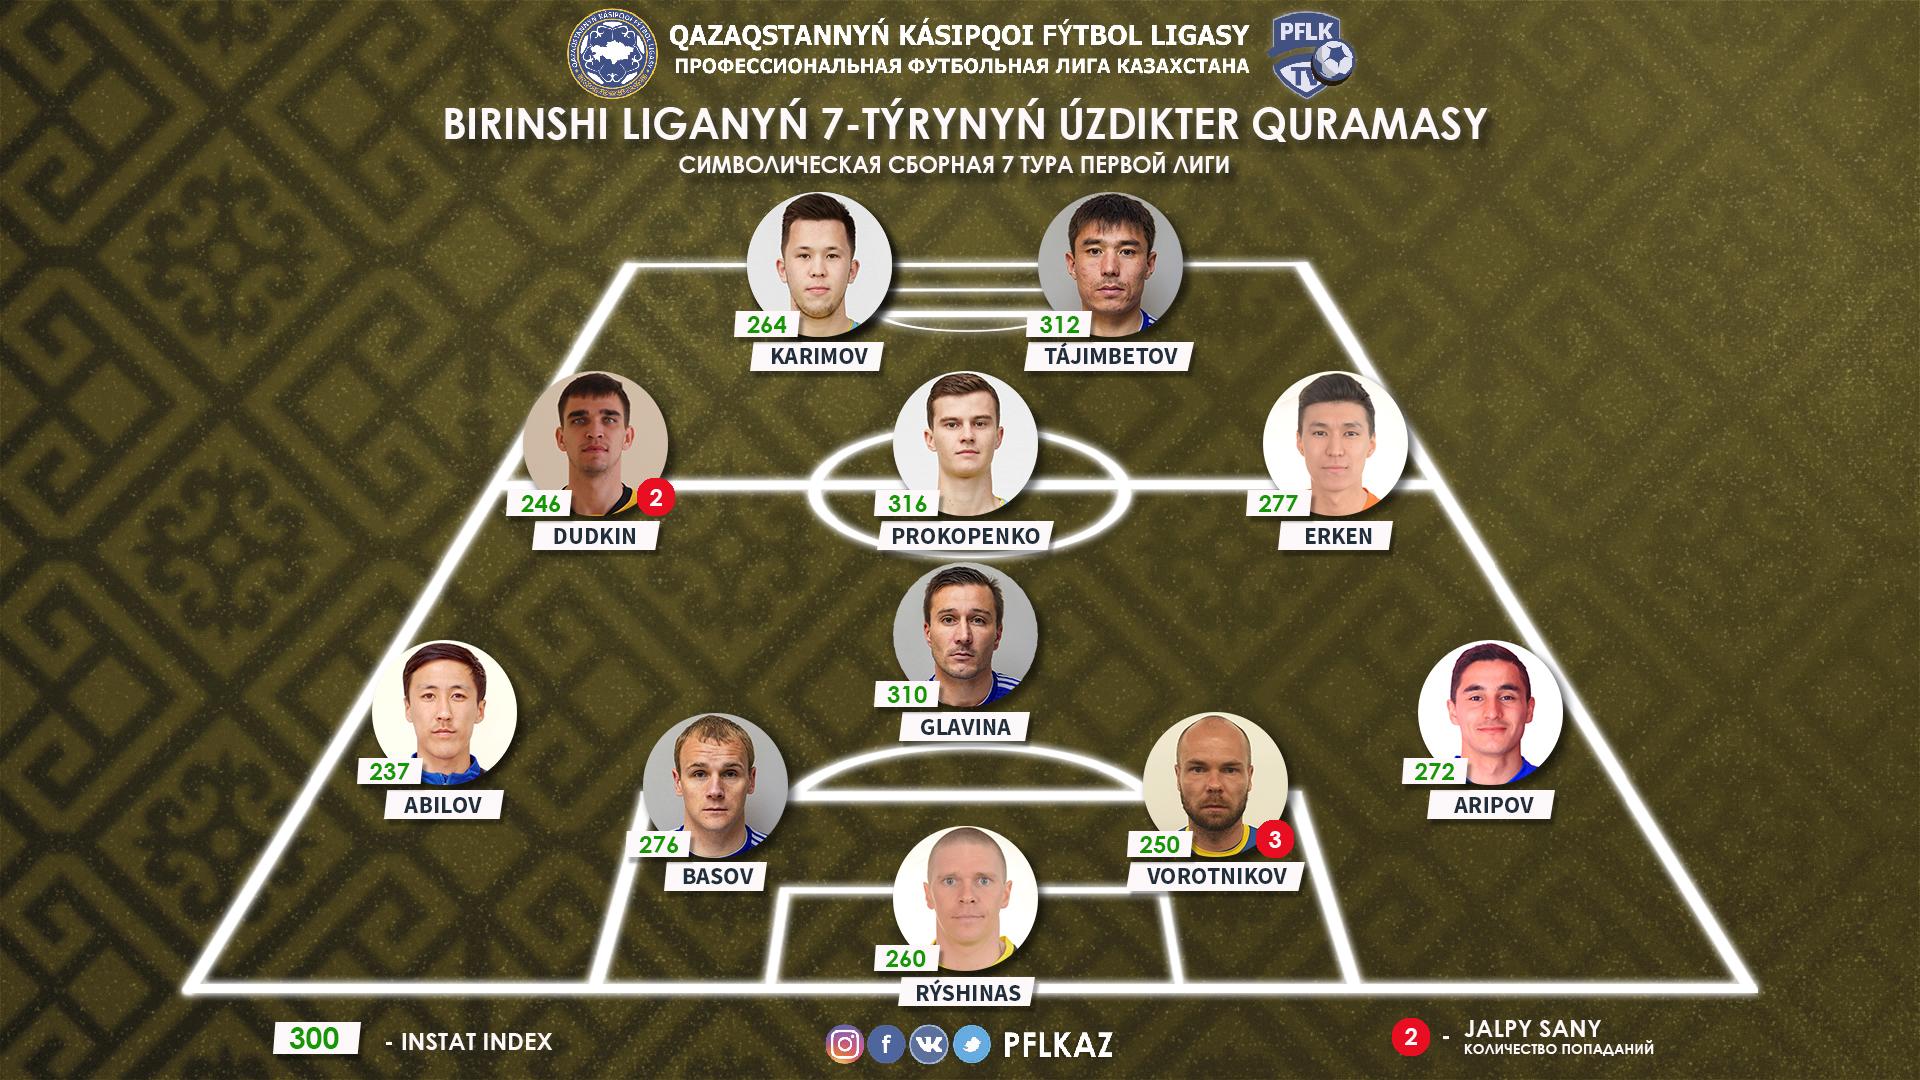 Сергей Басов попал в сборную тура Первой лиги Казахстана - изображение 1